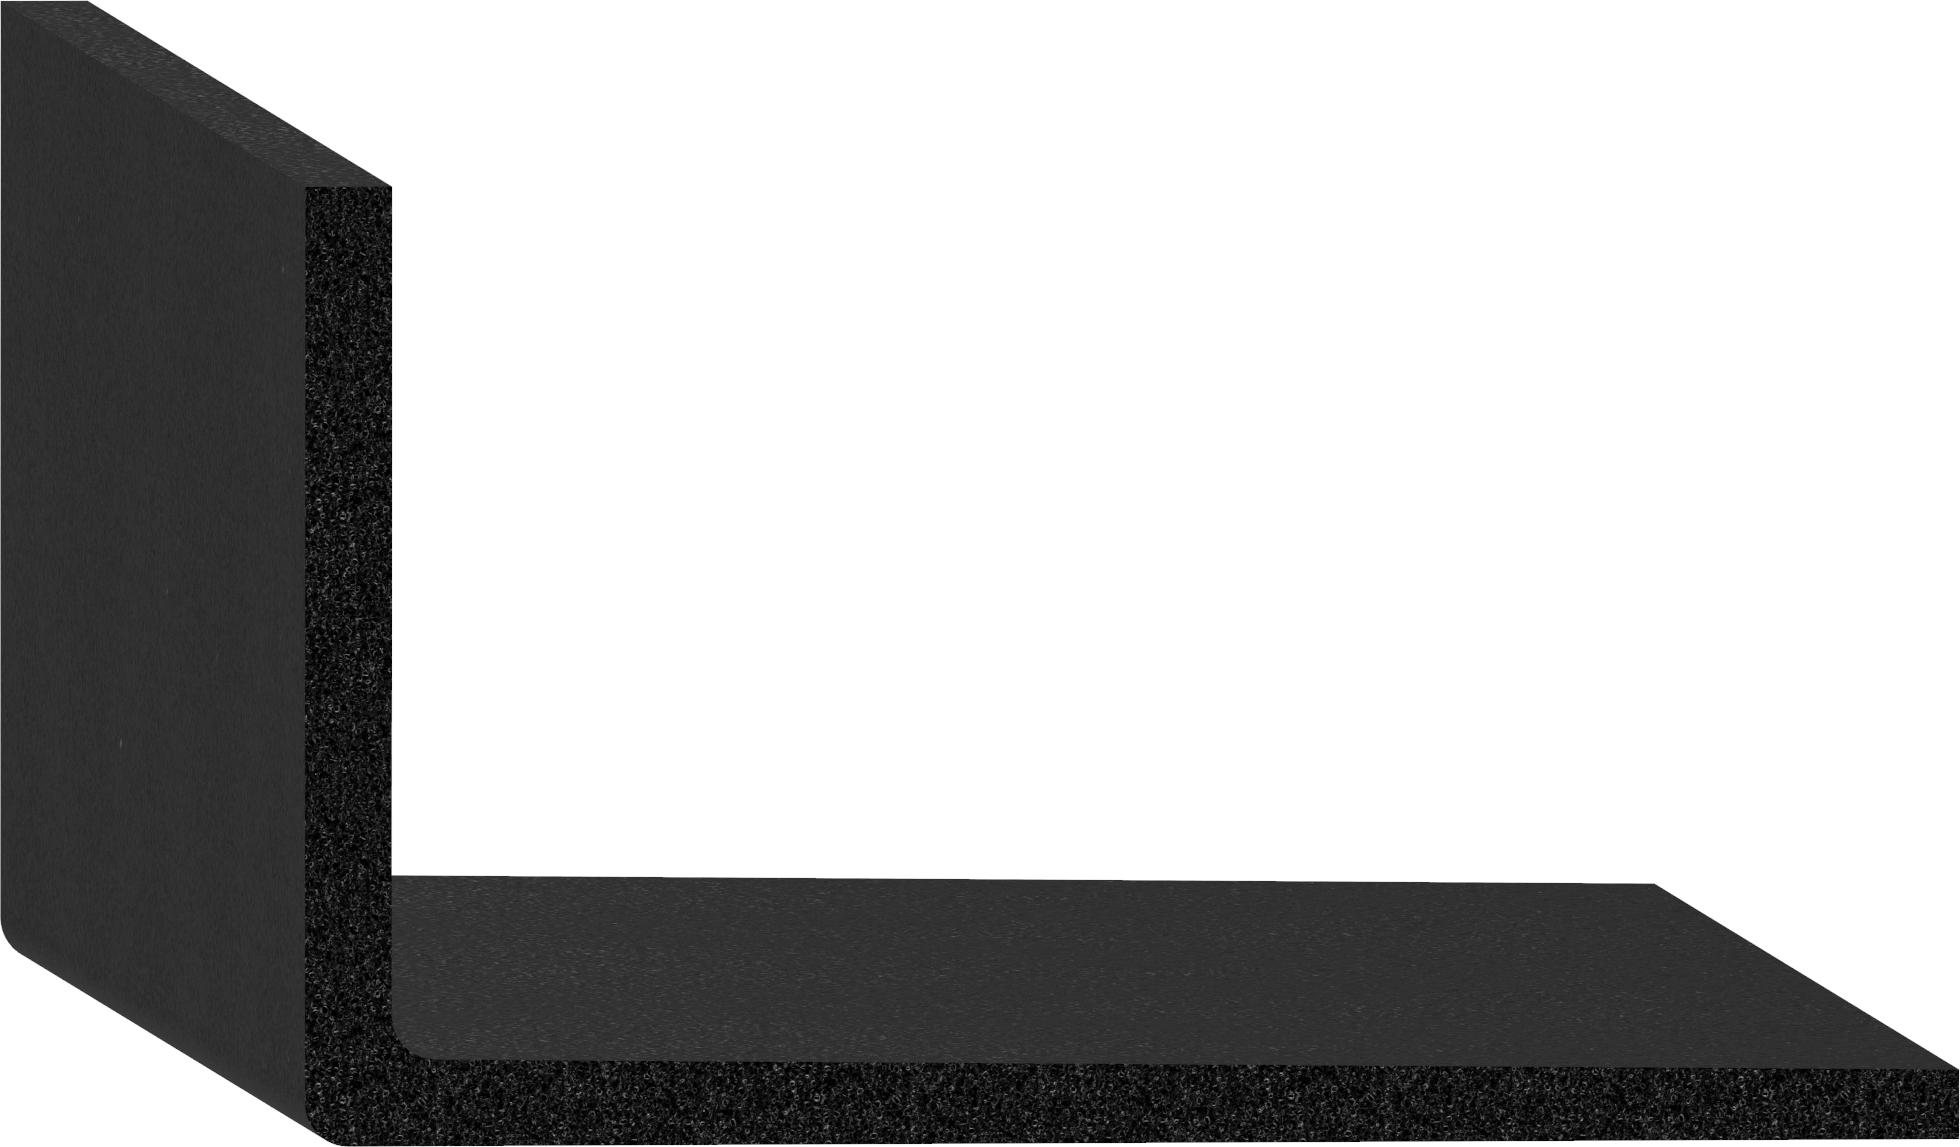 Uni-Grip part: SD-336